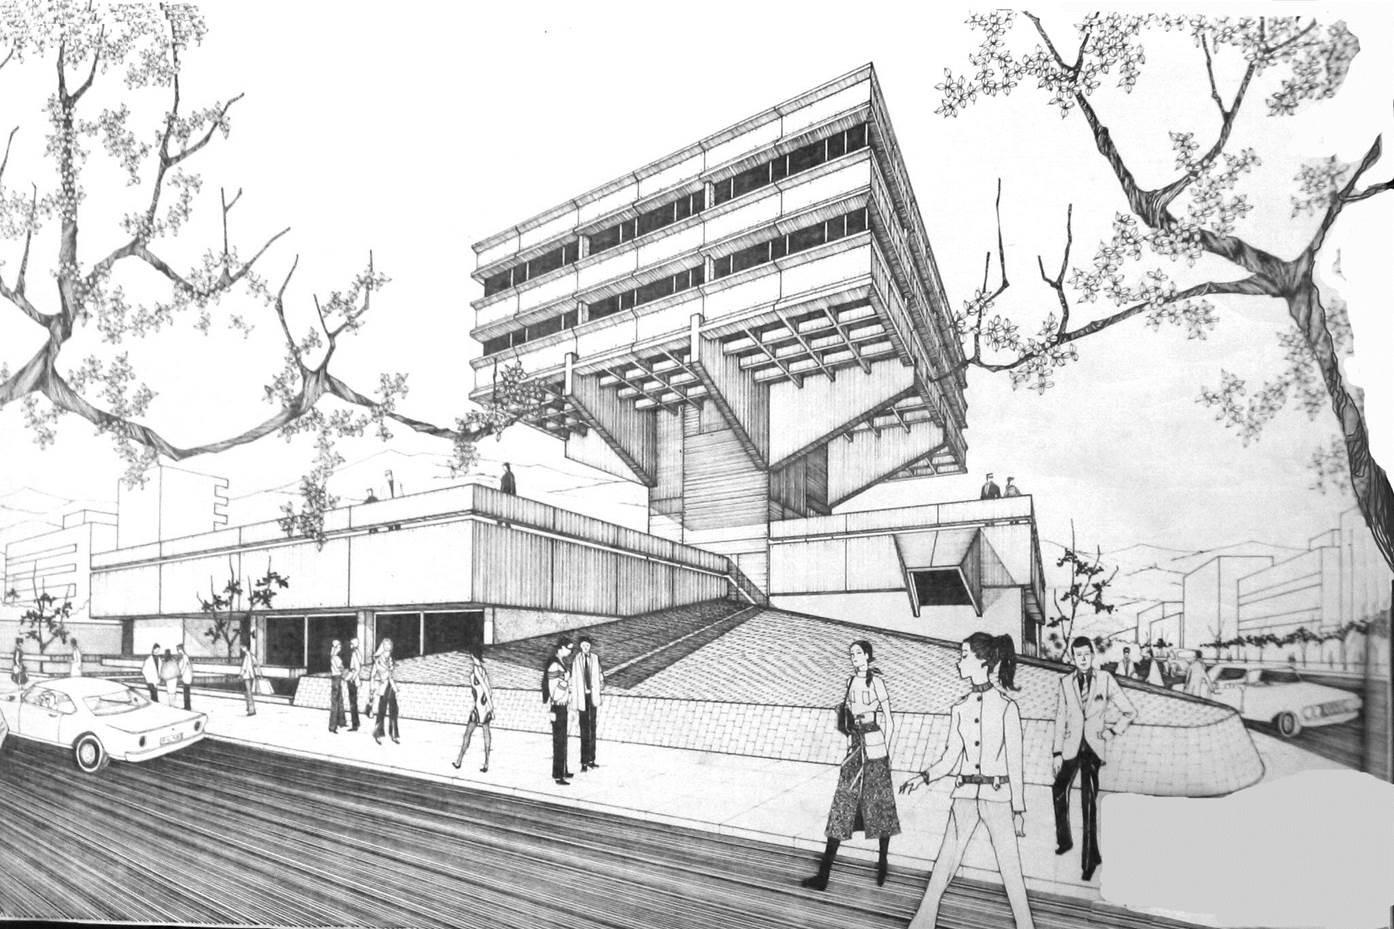 Milton Barragán, 80 años de arquitectura brutalista en Ecuador, CIESPAL. Image Cortesia de Archivo personal de Milton Barragán